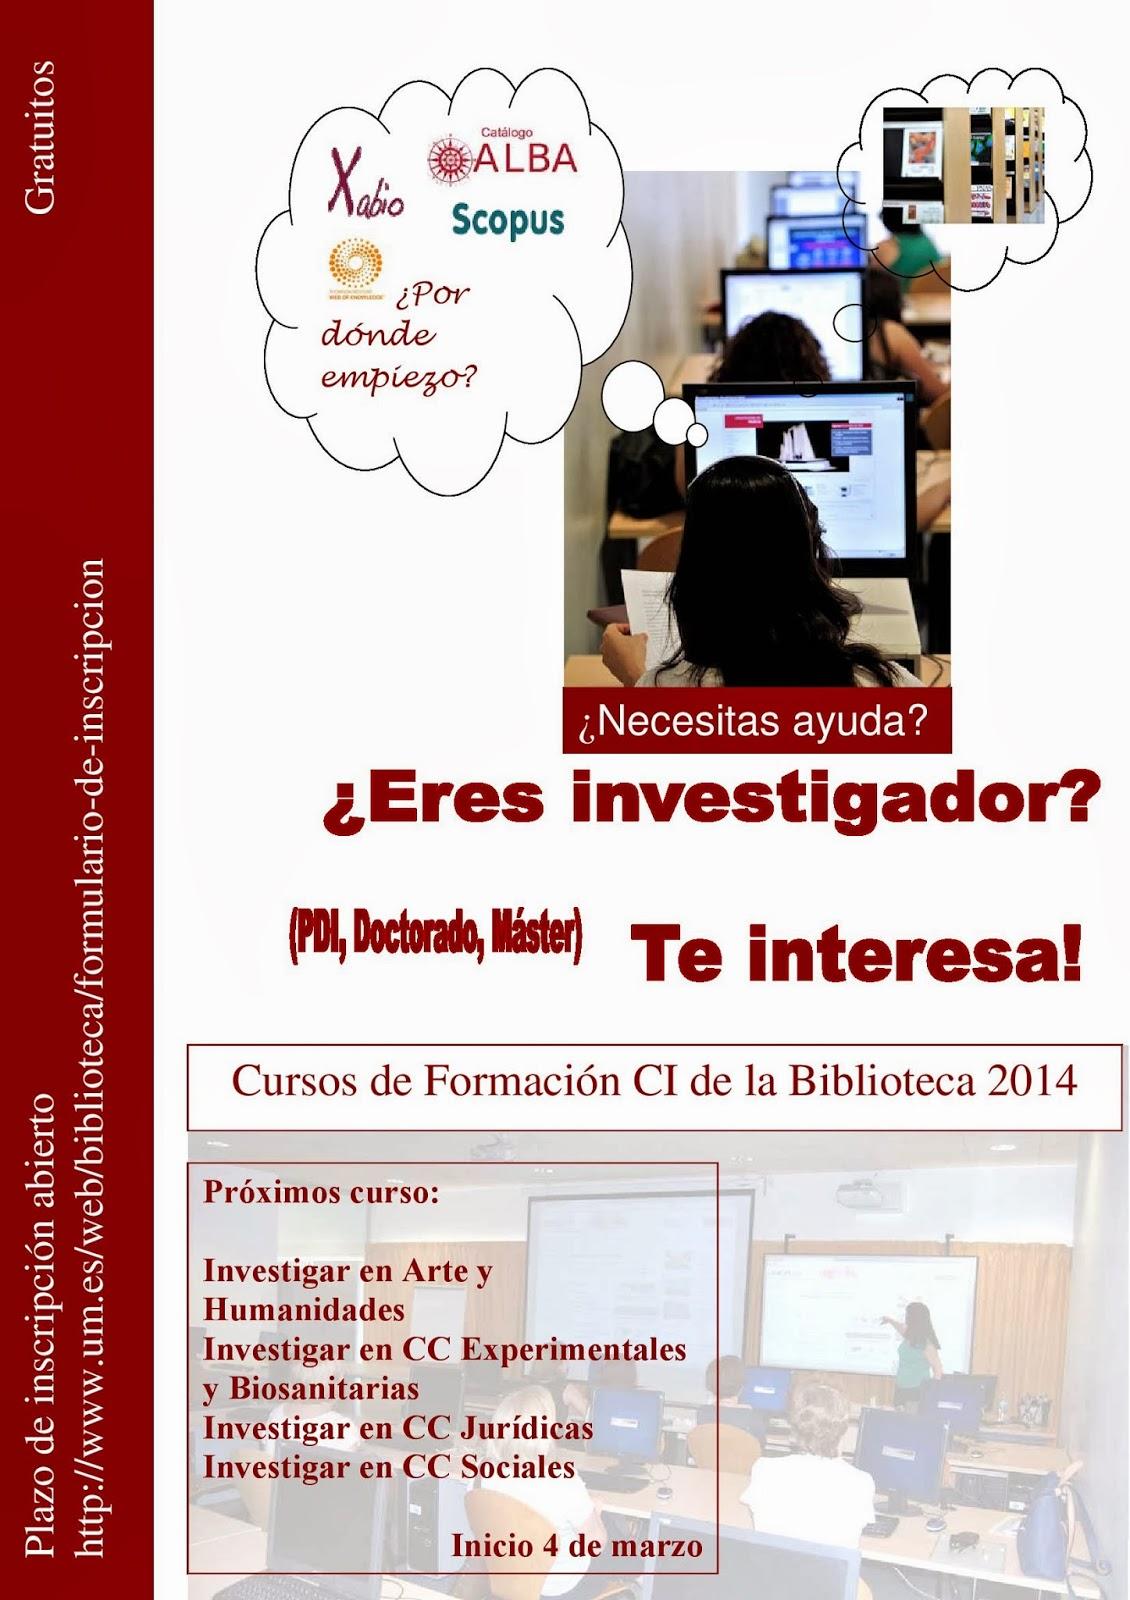 Abierto plazo de inscripción en el Plan de Formación de la Biblioteca 2014.